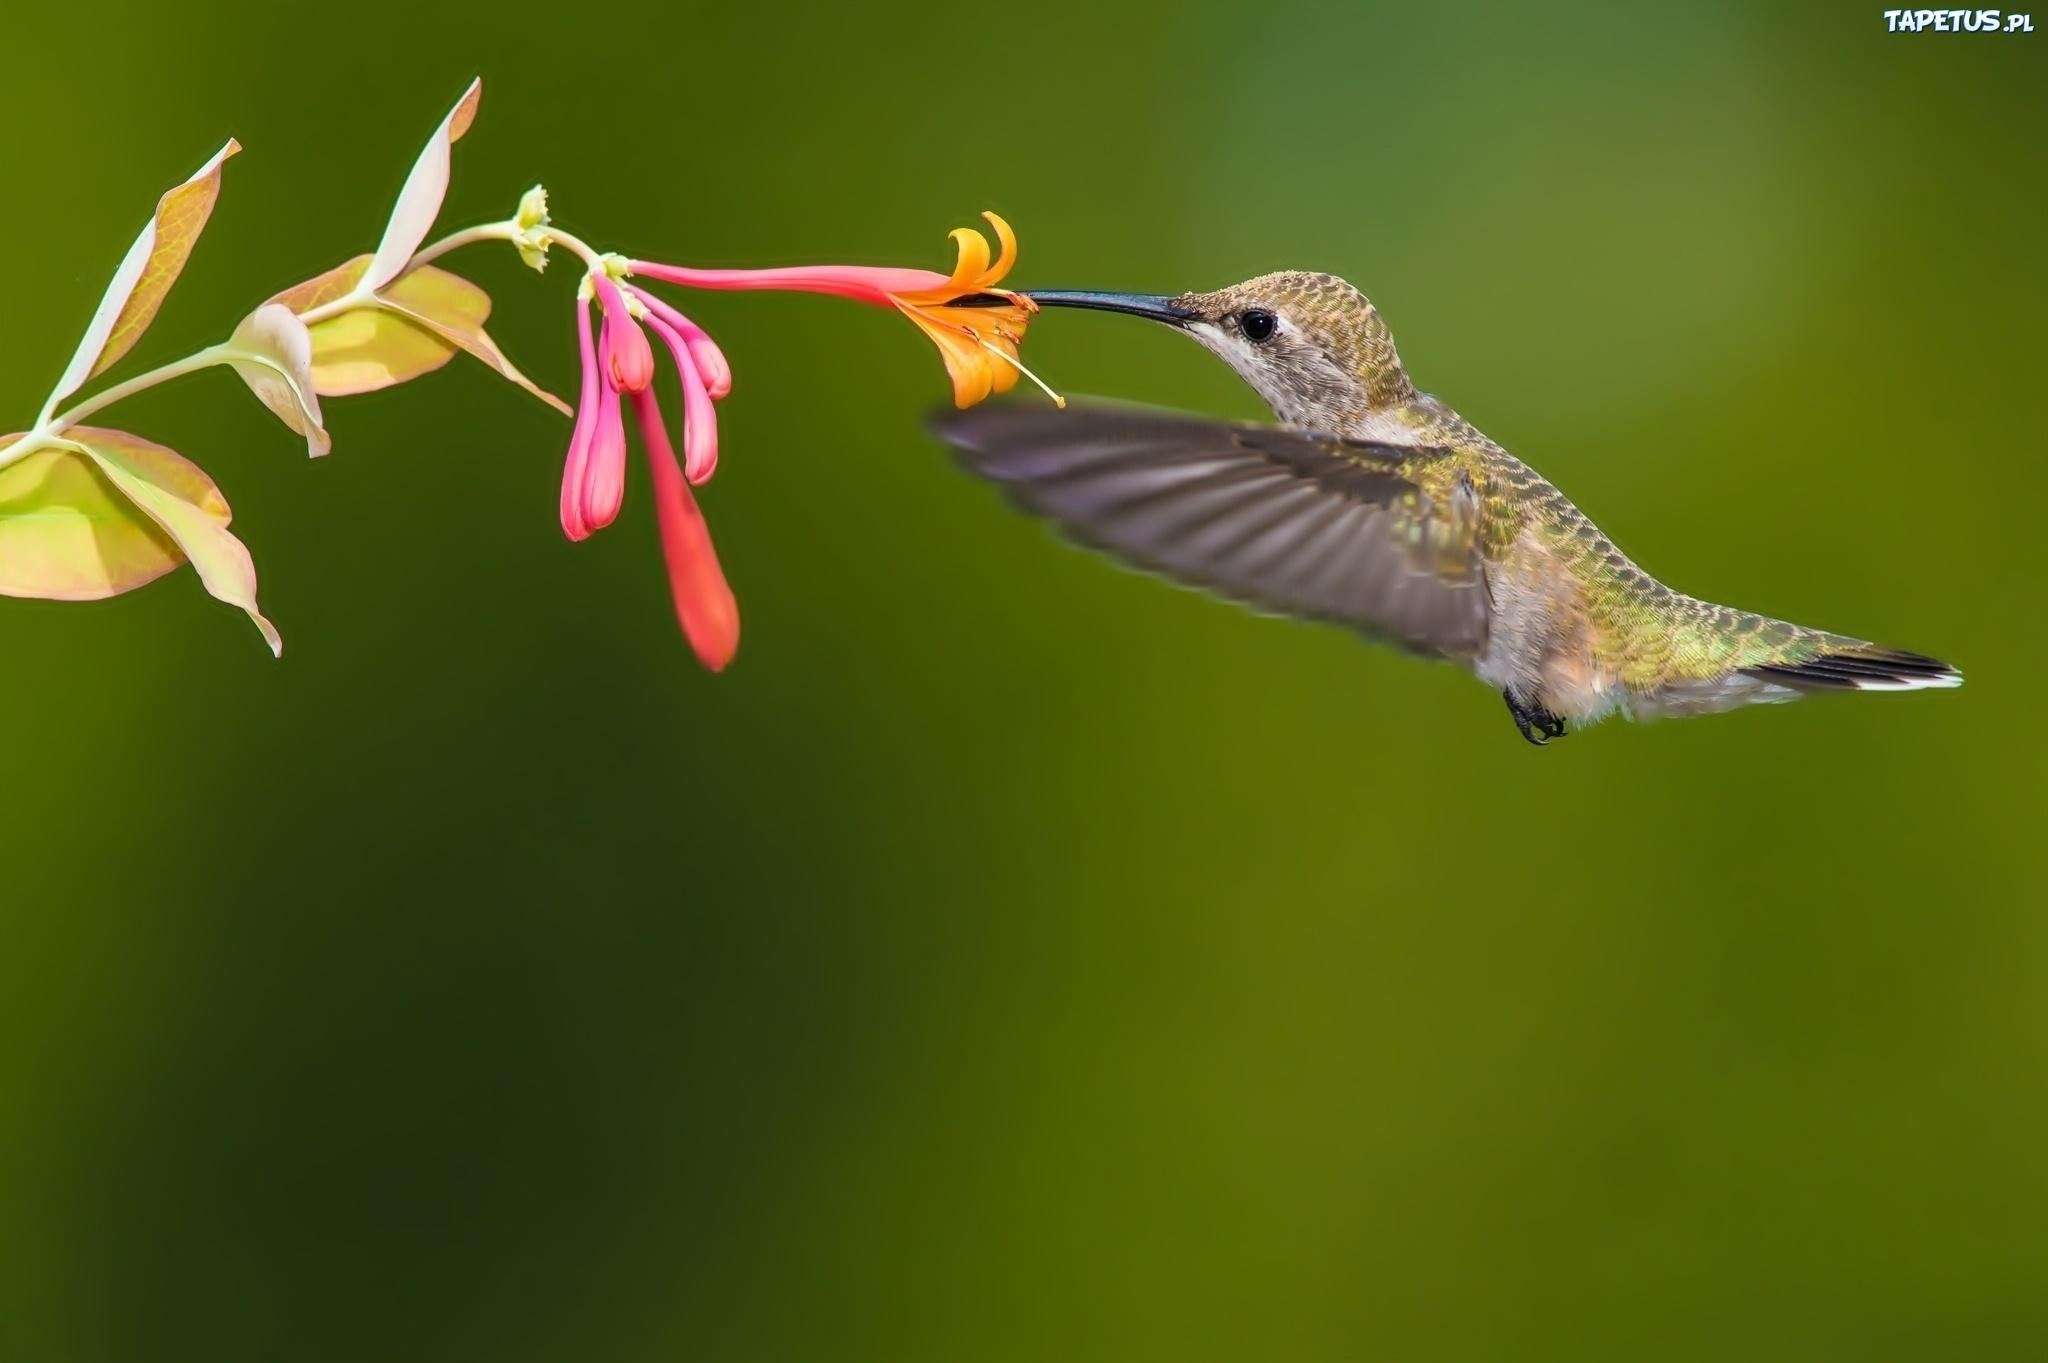 птица природа ветка колибри  № 1994339 бесплатно